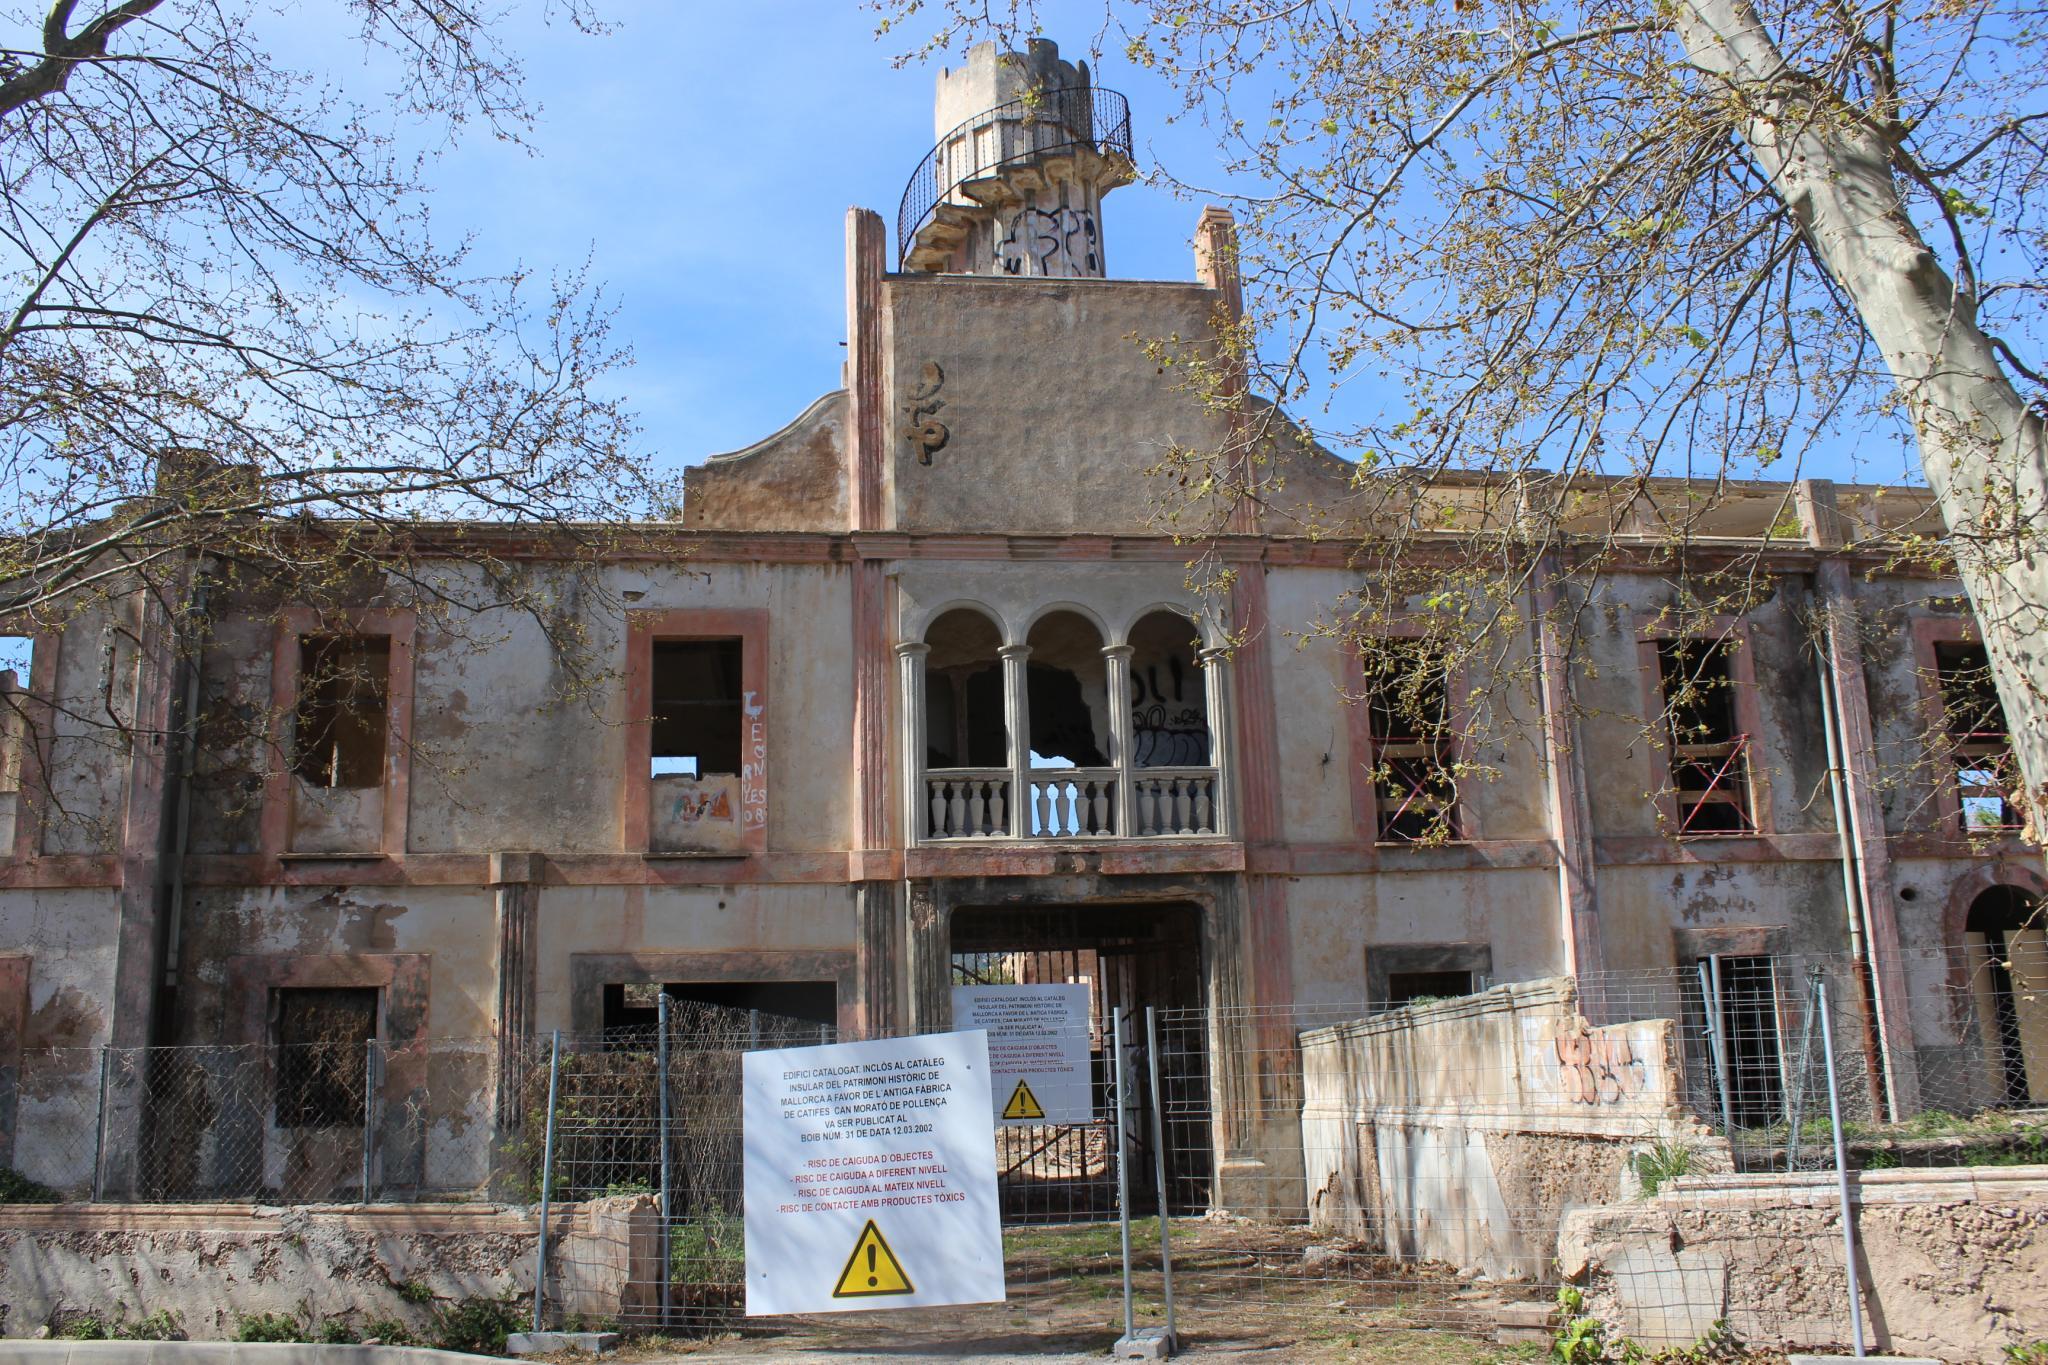 POLLENÇA PATRIMONIO. Aspecto actual de la antigua fábrica Can Morató .